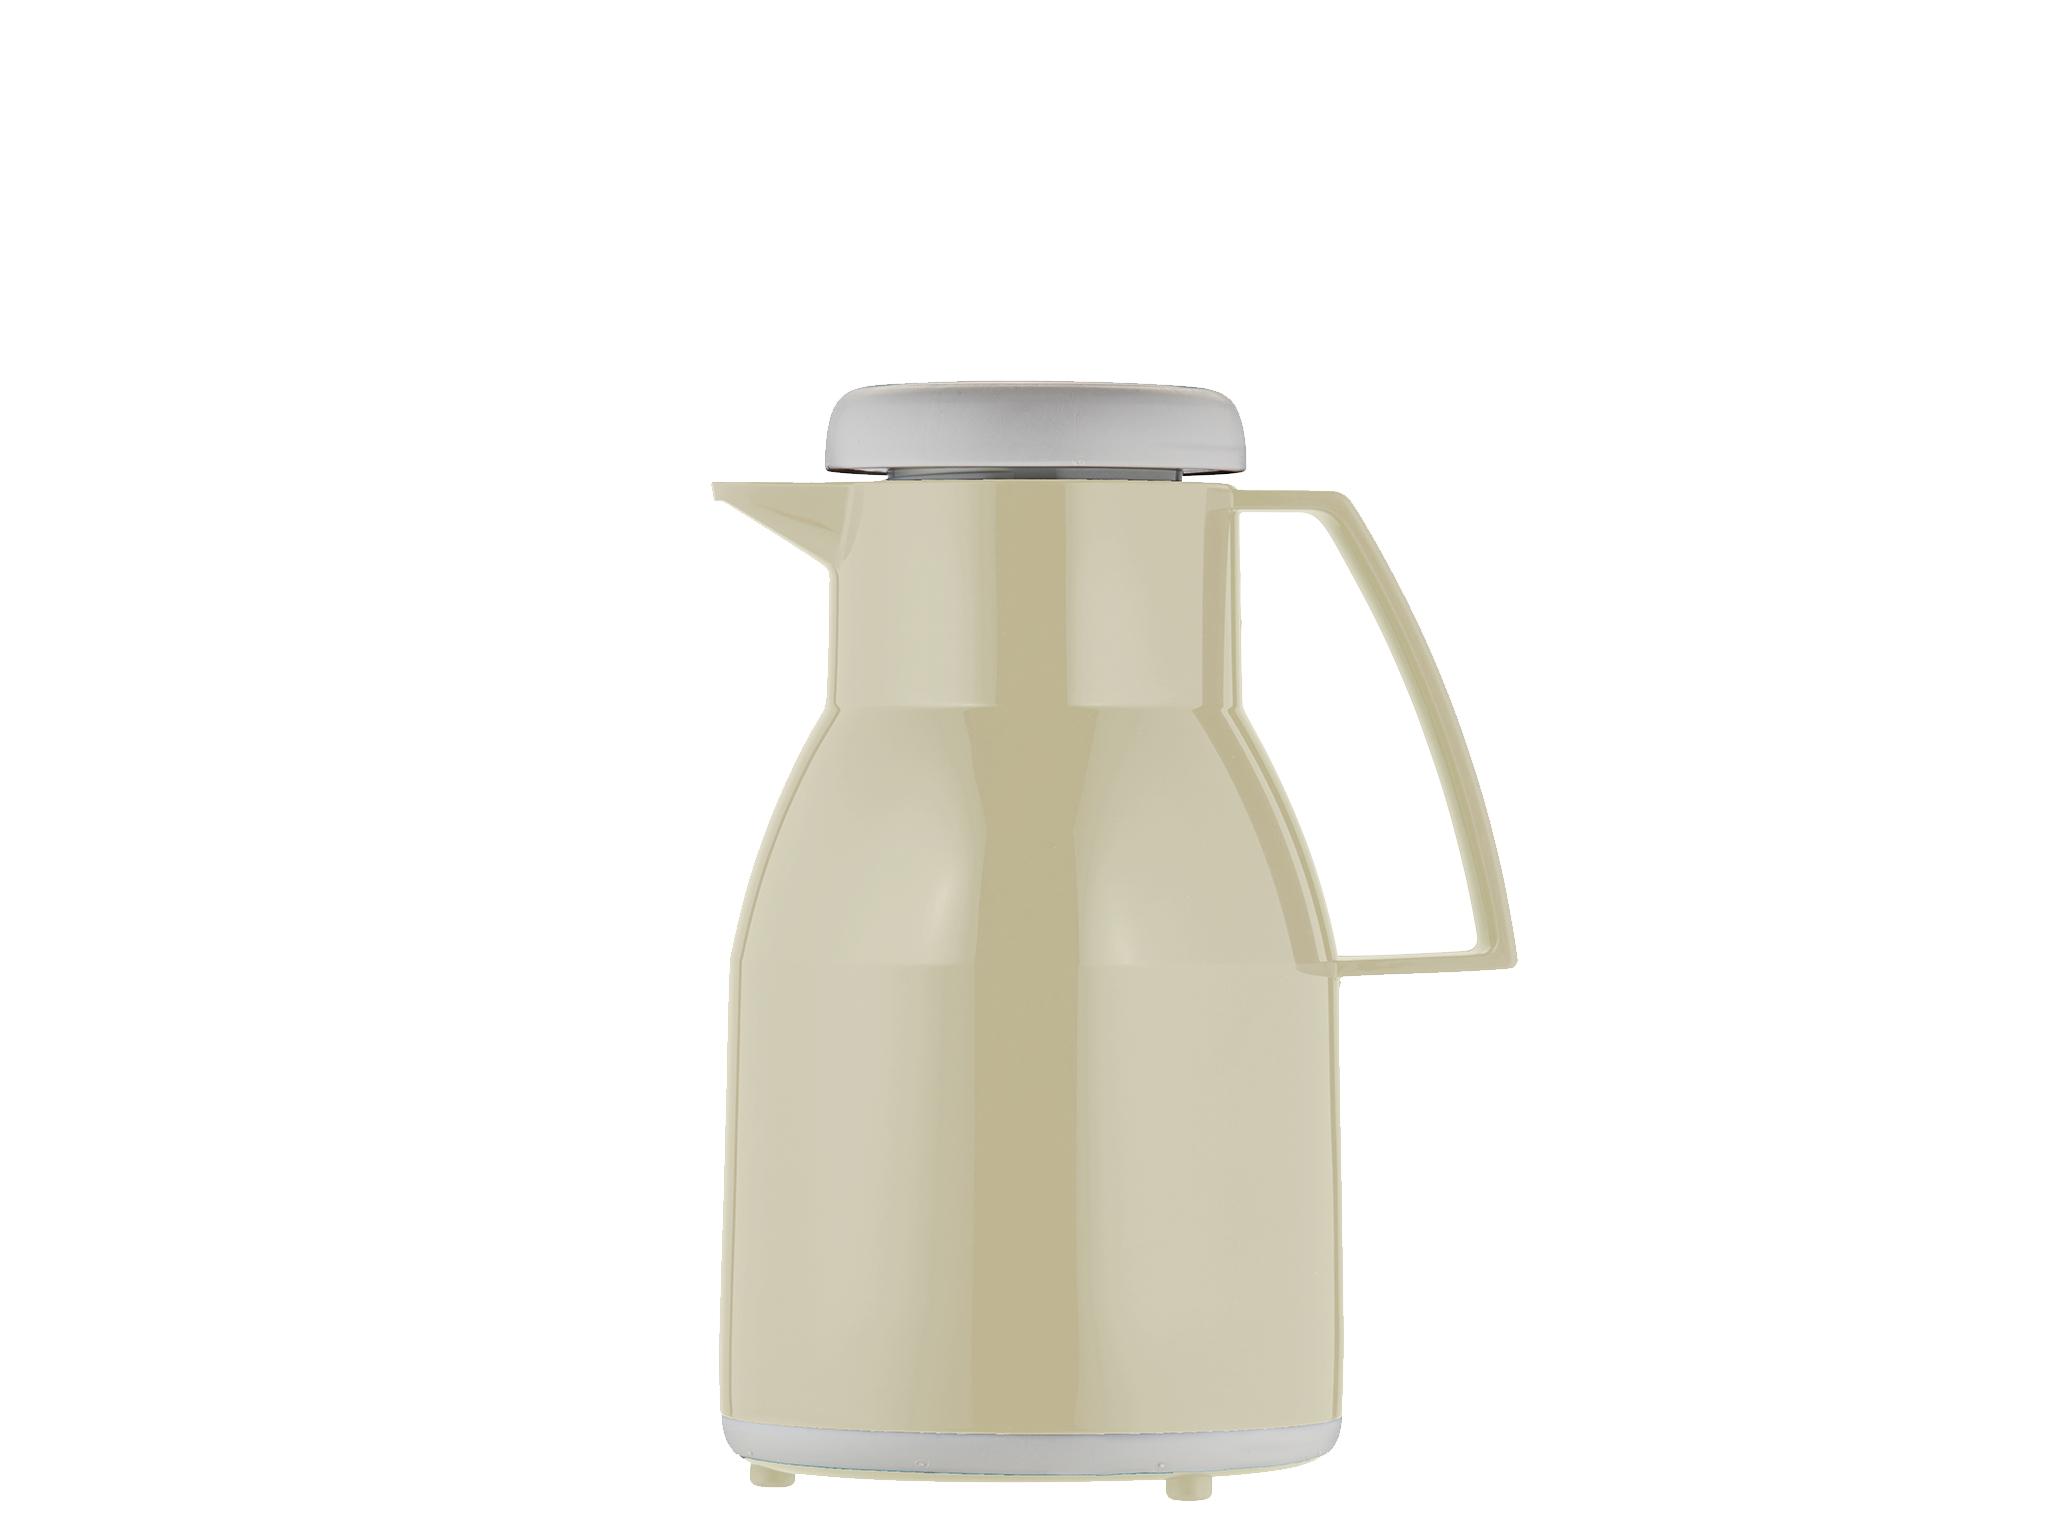 2744-092 - Isoleerkan vanilla 1.0 L WASH - Helios